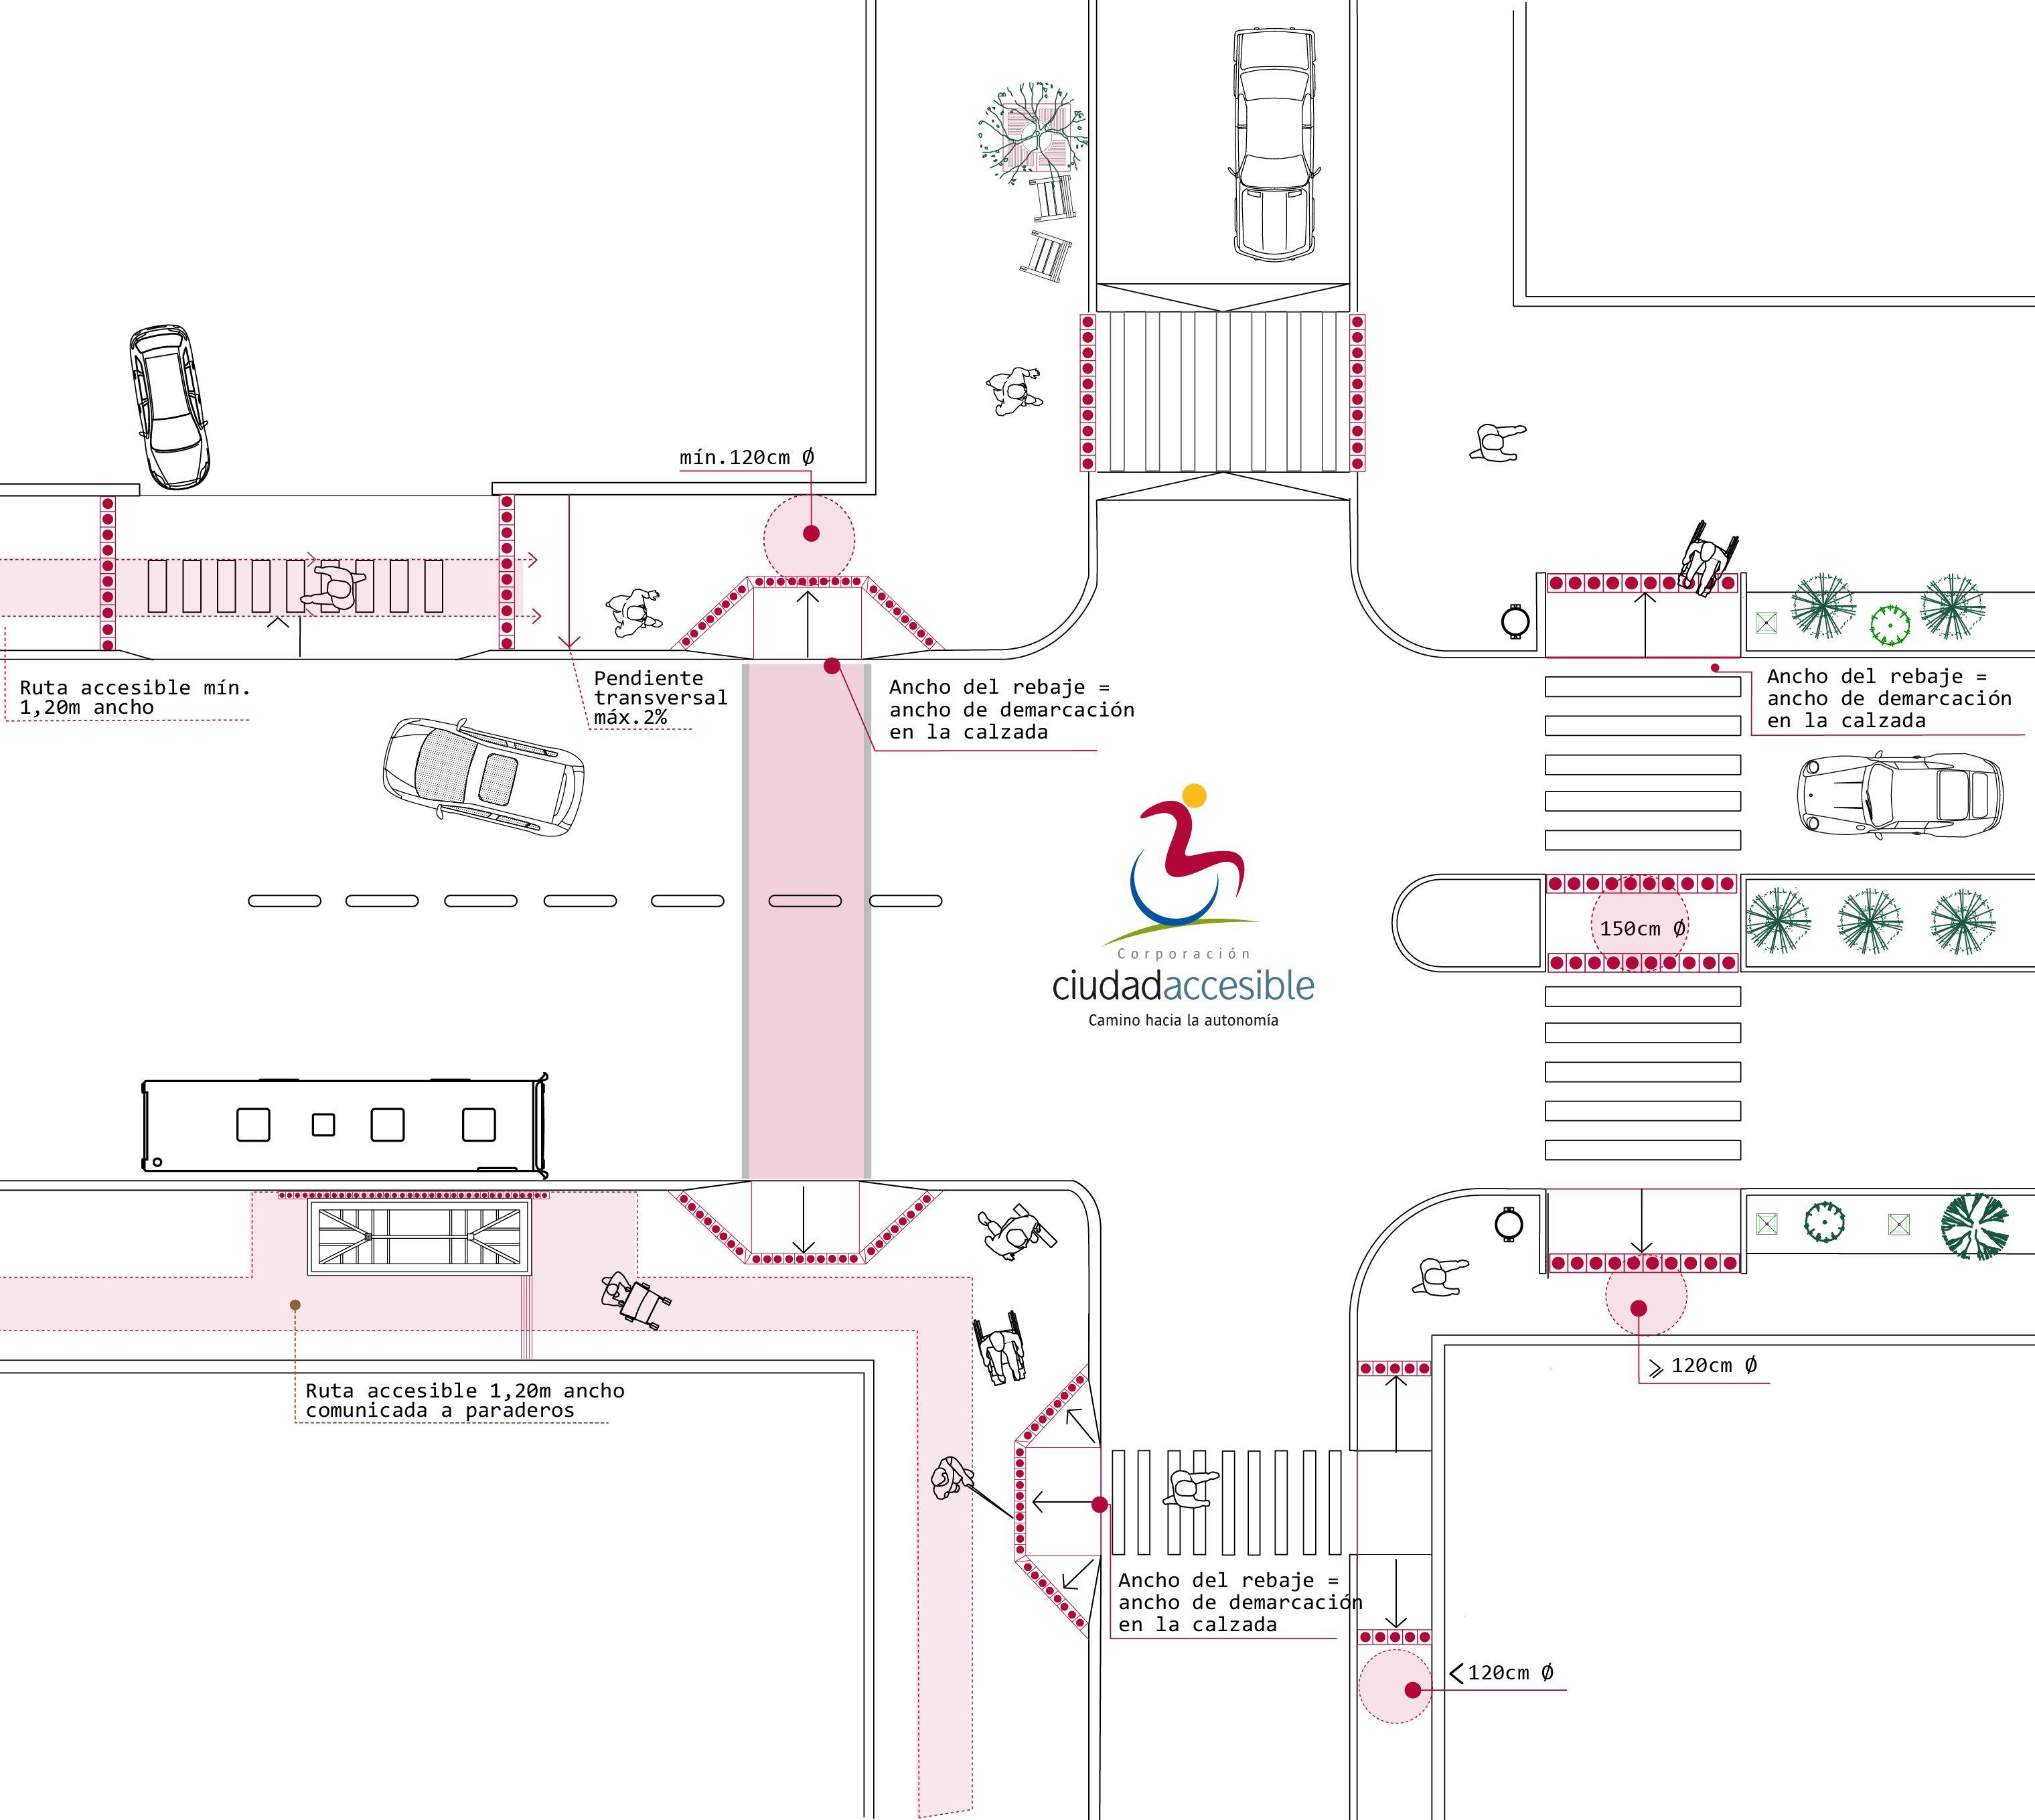 imagen que muestra un cruce de calles con todos los modelos de rebajes peatonales